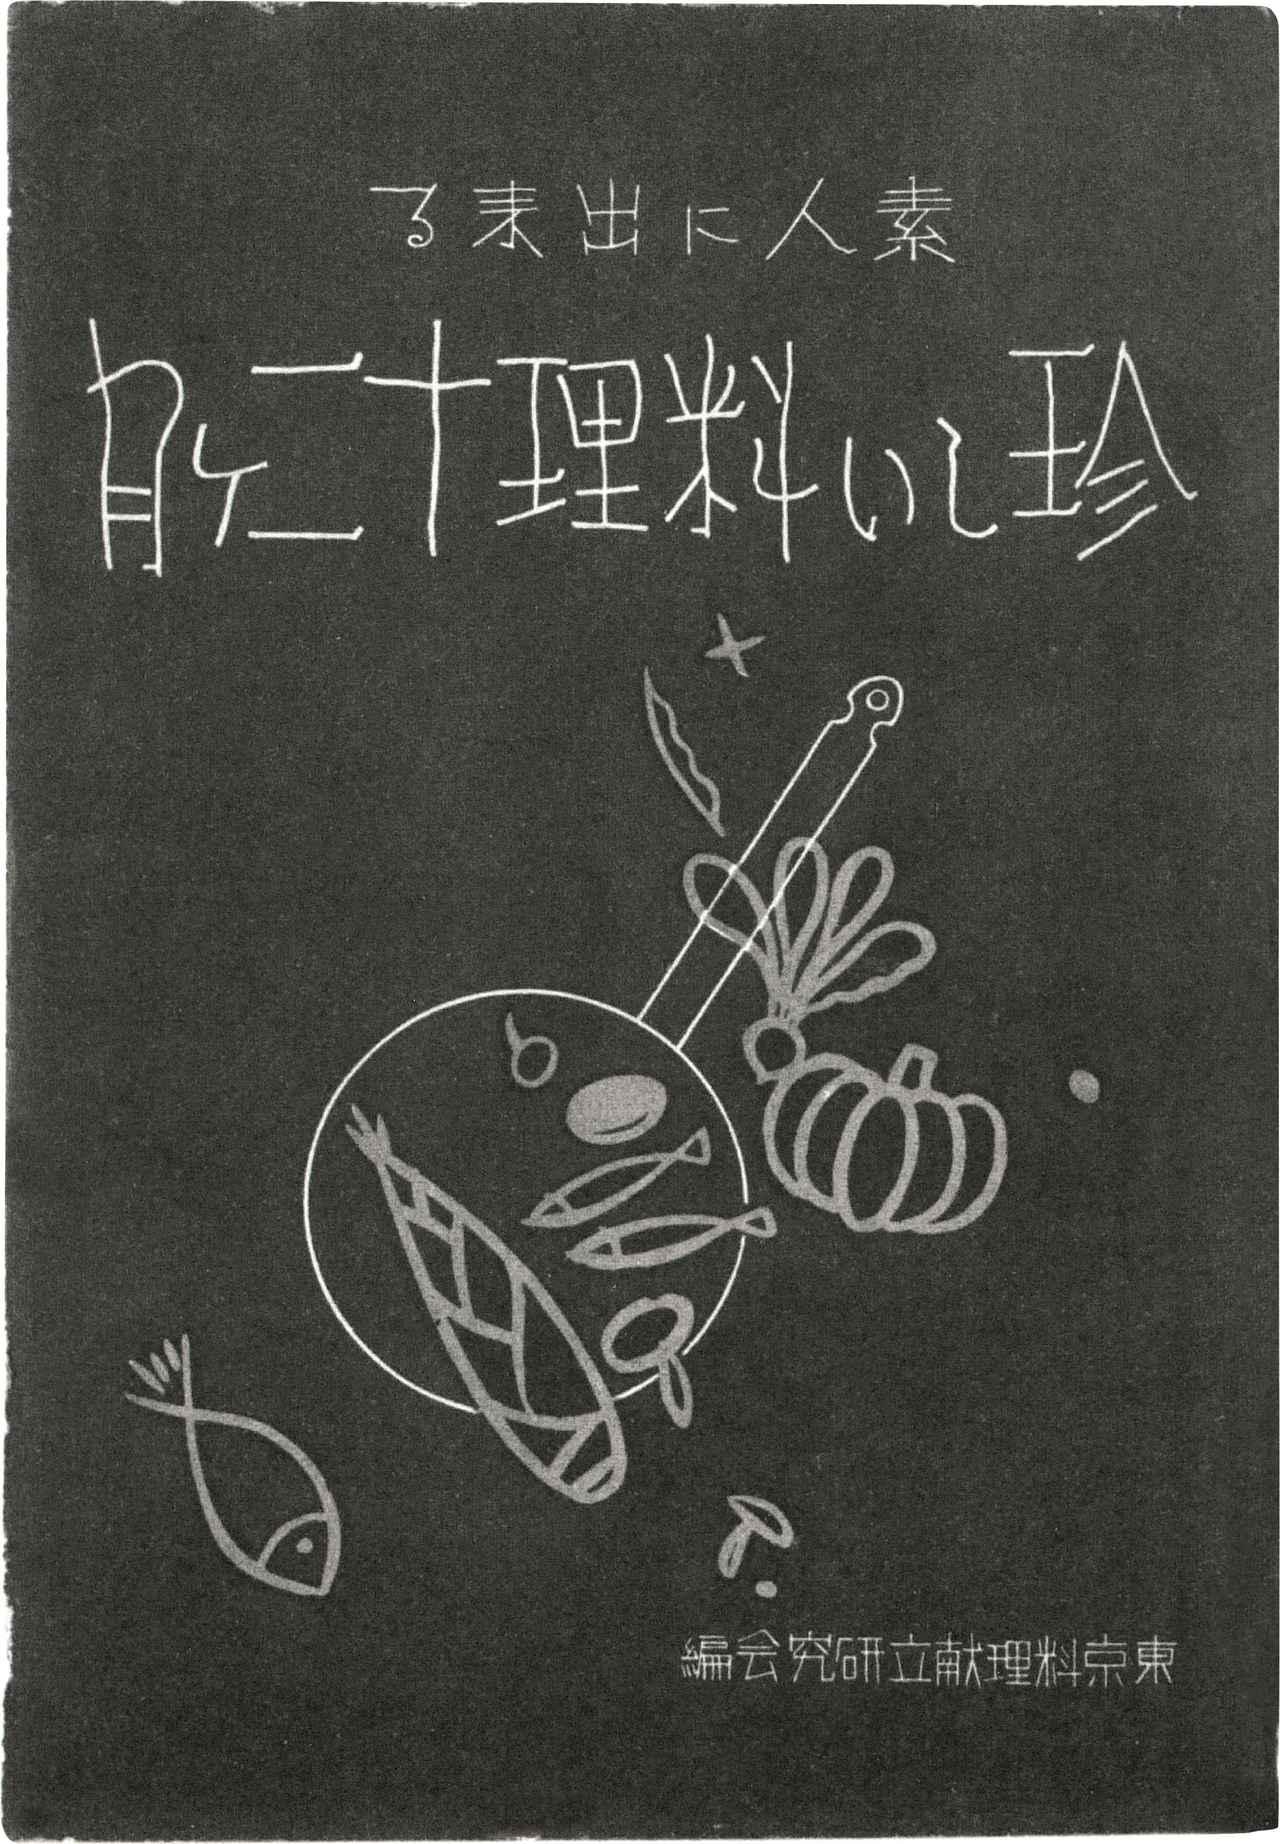 画像2: 「ビフテキライスコロッケ」「トマトスープ」 しらいのりこさんが再現する、モダン料理の拵(こしら)え方